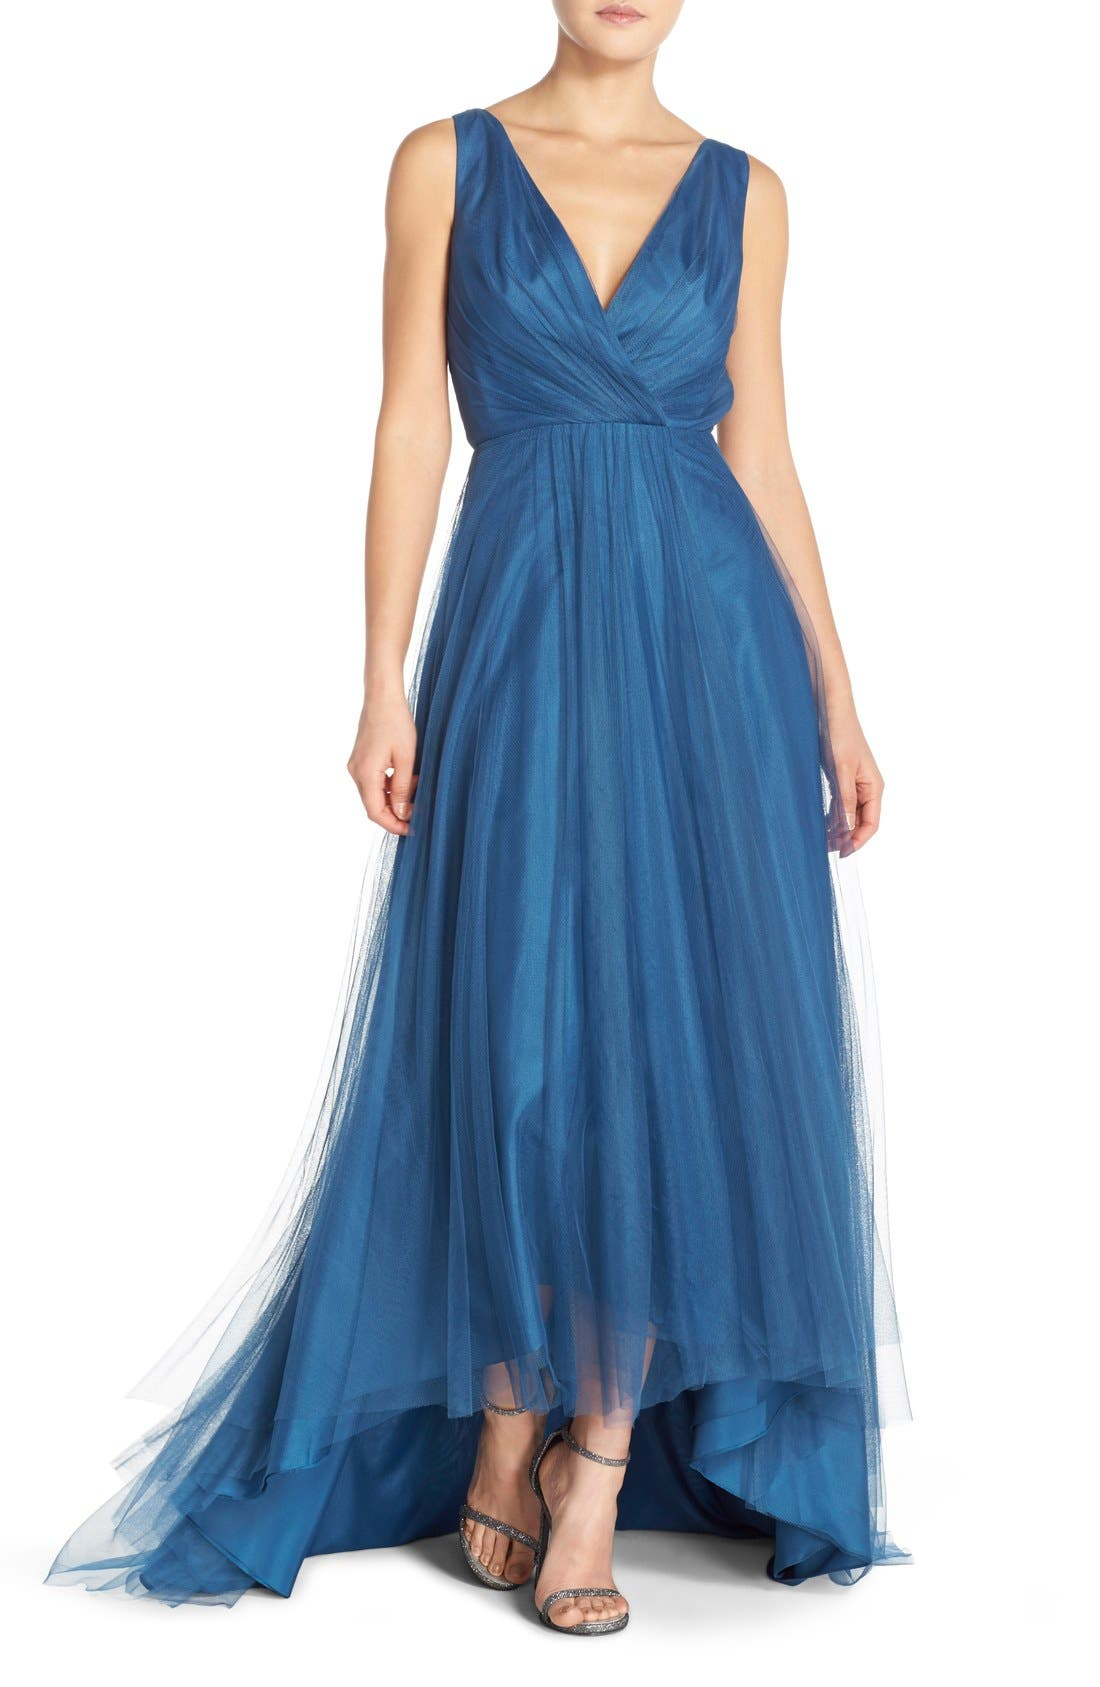 Main Image - Monique Lhuillier Bridesmaids Pleat Tulle V-Neck High/Low Gown